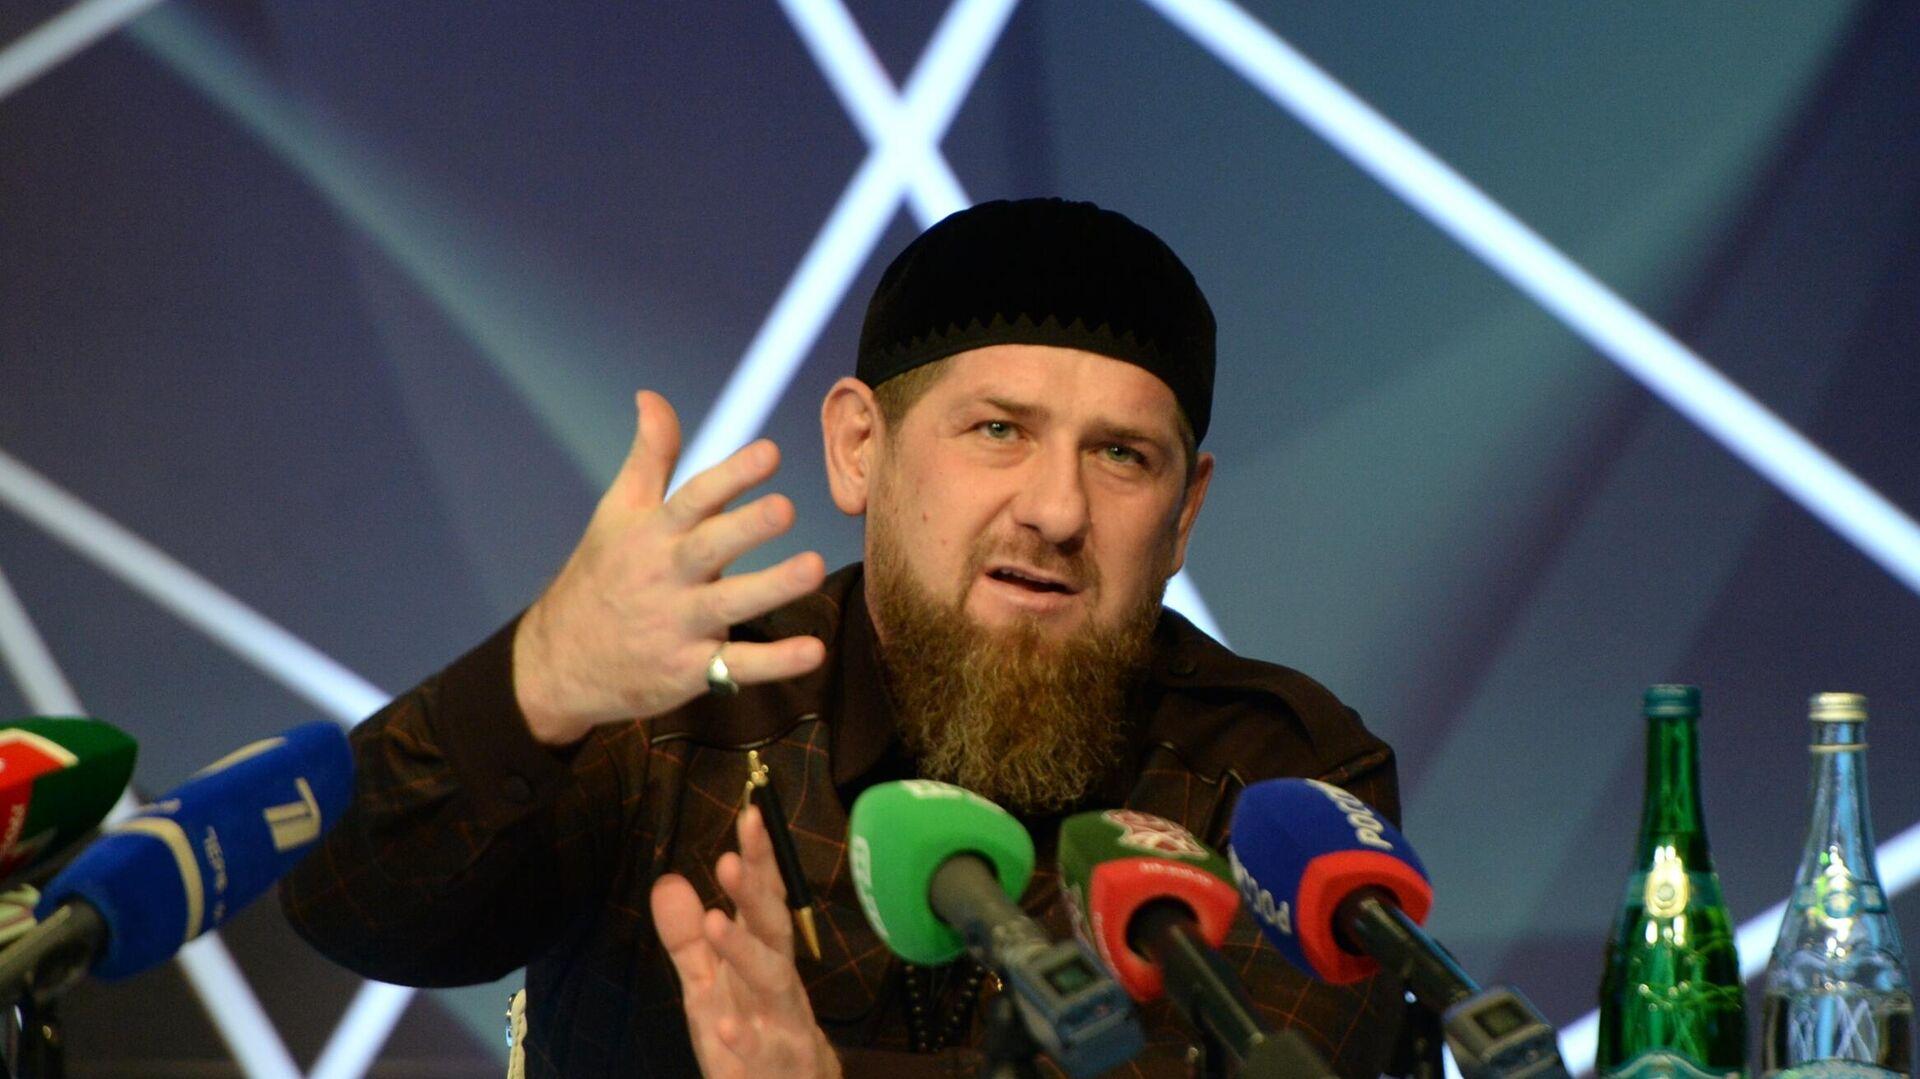 Глава Чеченской Республики Рамзан Кадыров на пресс-конференции в студии телеканала Грозный - РИА Новости, 1920, 24.12.2019